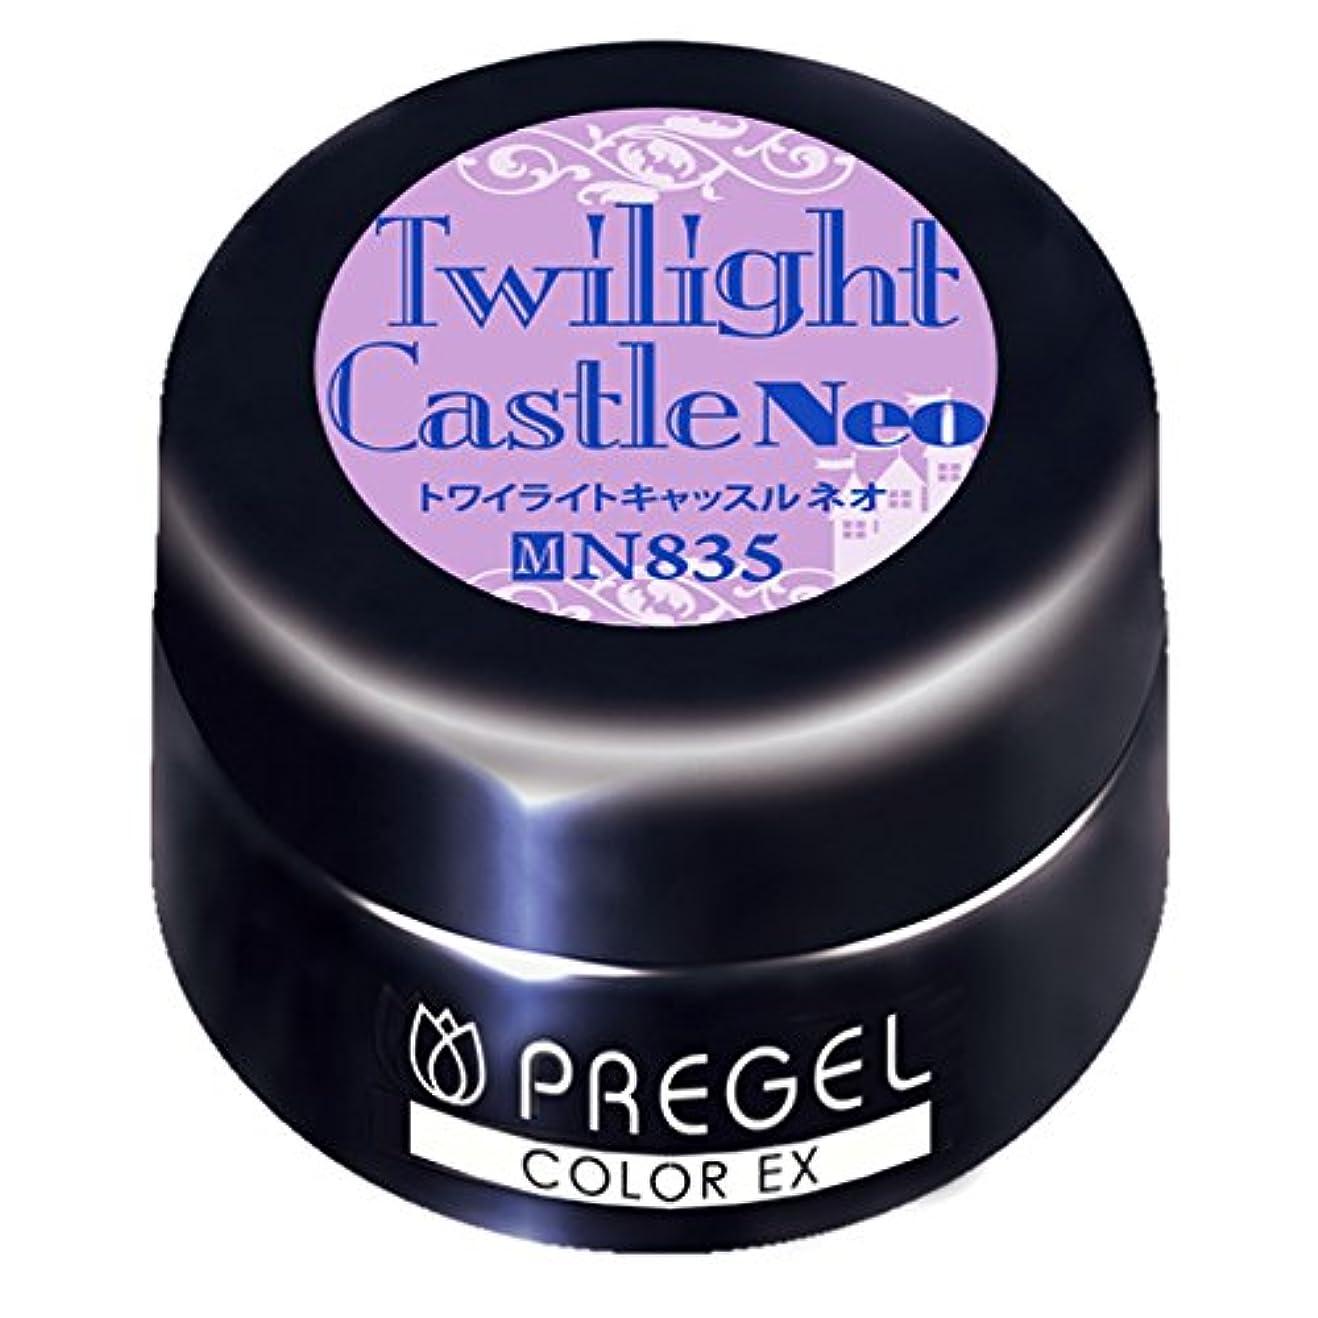 操るスリップシューズ画家PRE GEL カラーEX トワイライトキャッスルneo835 3g UV/LED対応